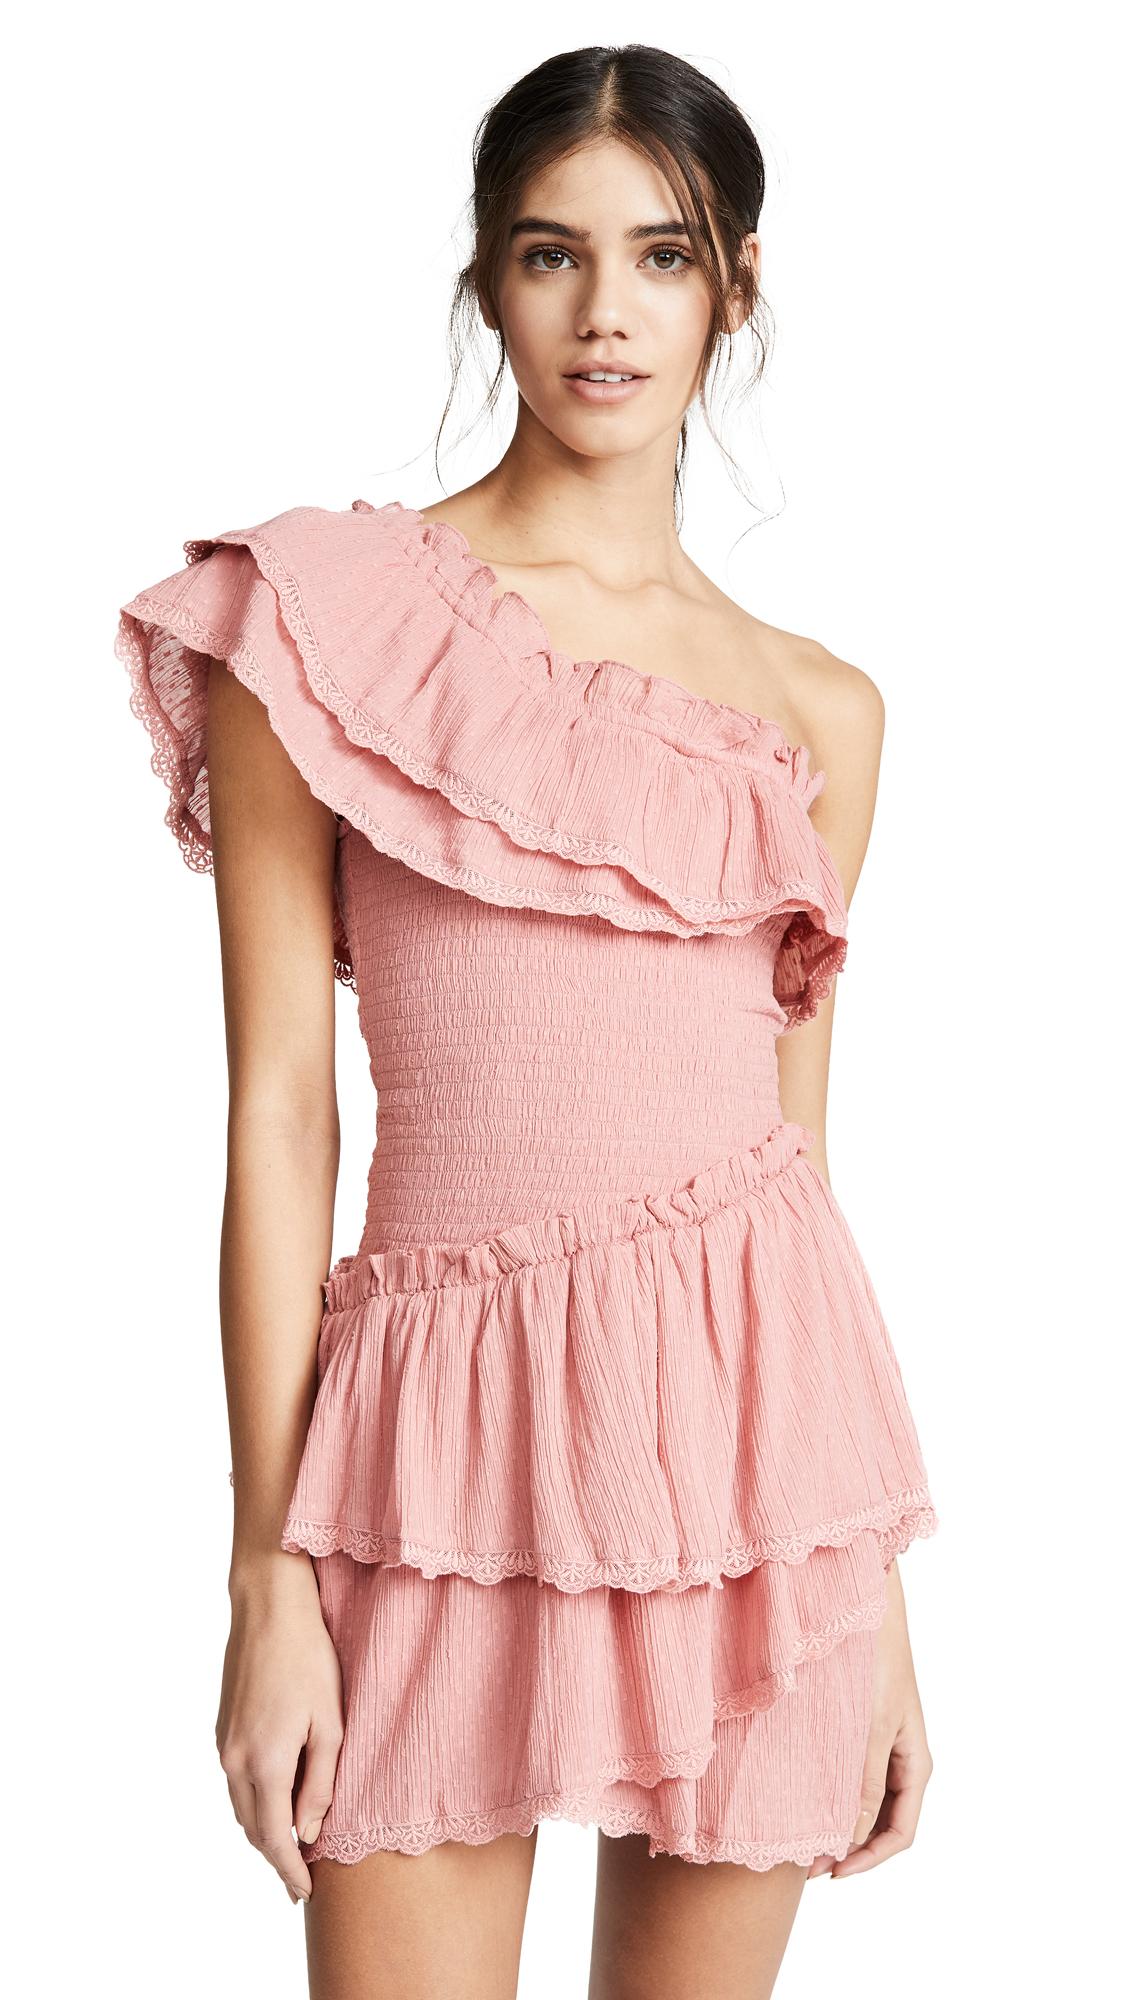 STEELE Melody Ruffle Dress in Cinnamon